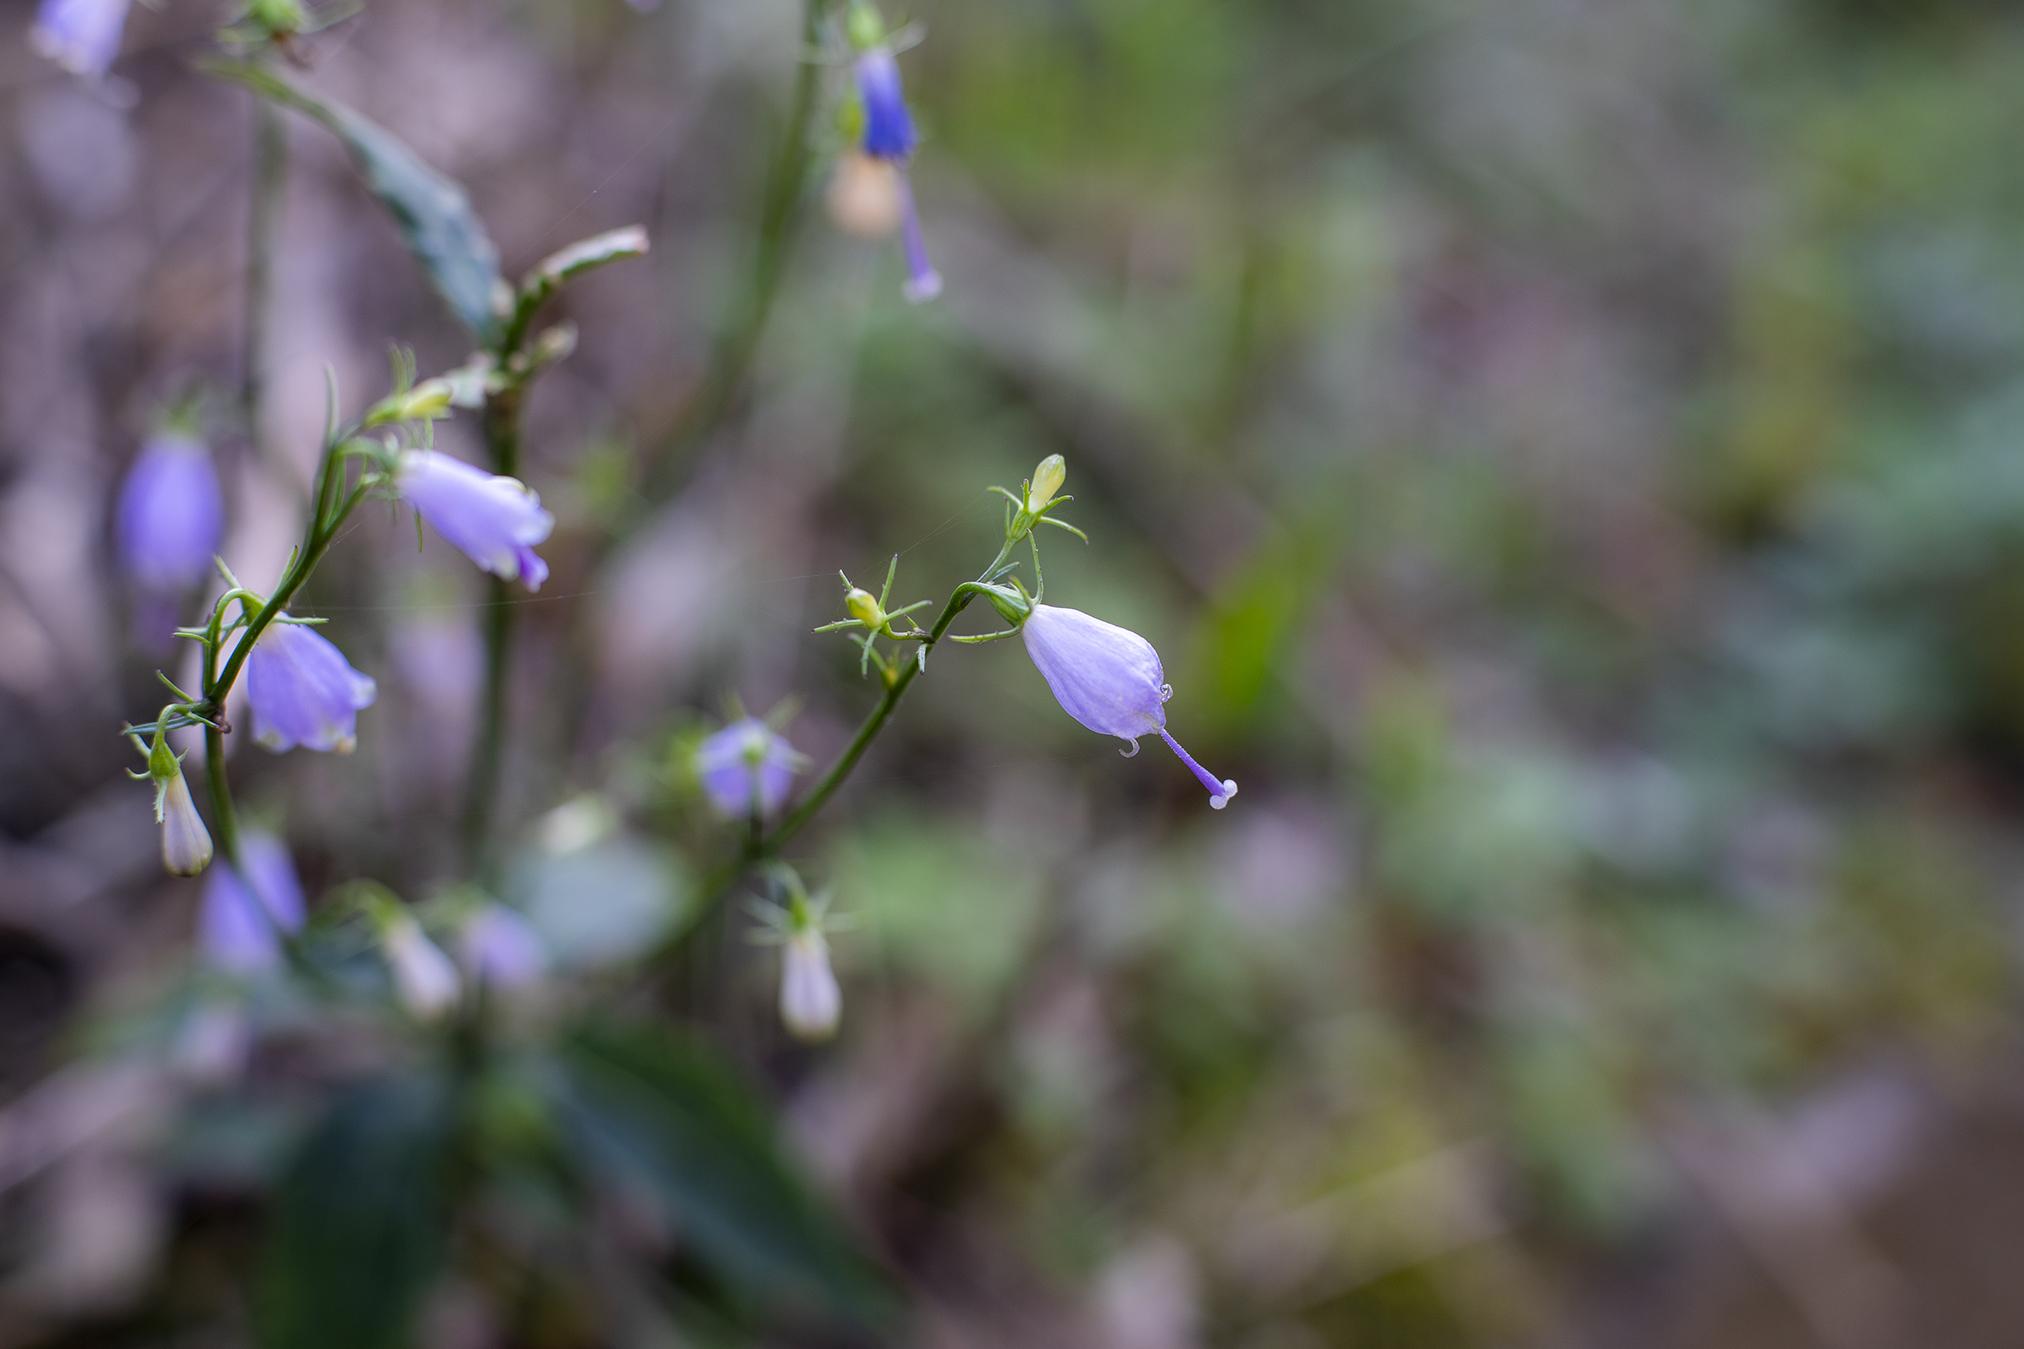 ツリガネニンジンの花言葉と誕生花